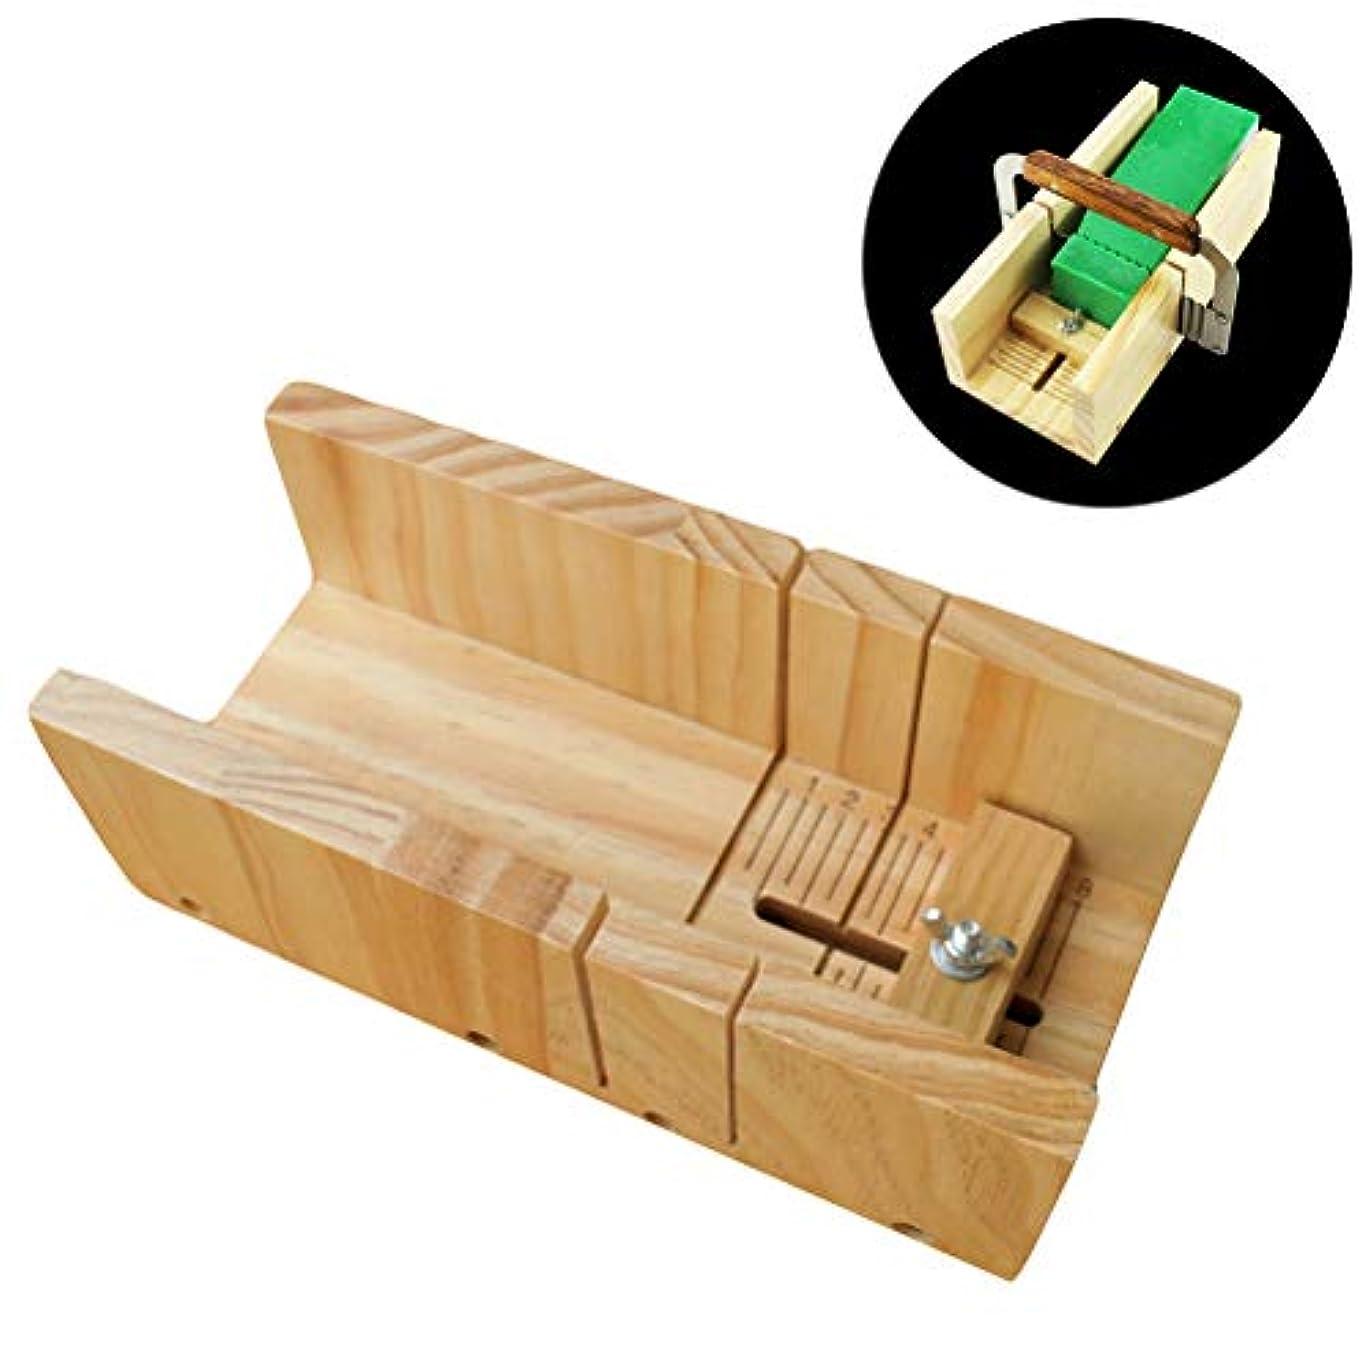 パワー失望させる作曲家Healifty 木製石鹸カッターモールド石鹸ロープモールド調節可能なカッターモールドボックス石鹸ツールを作る